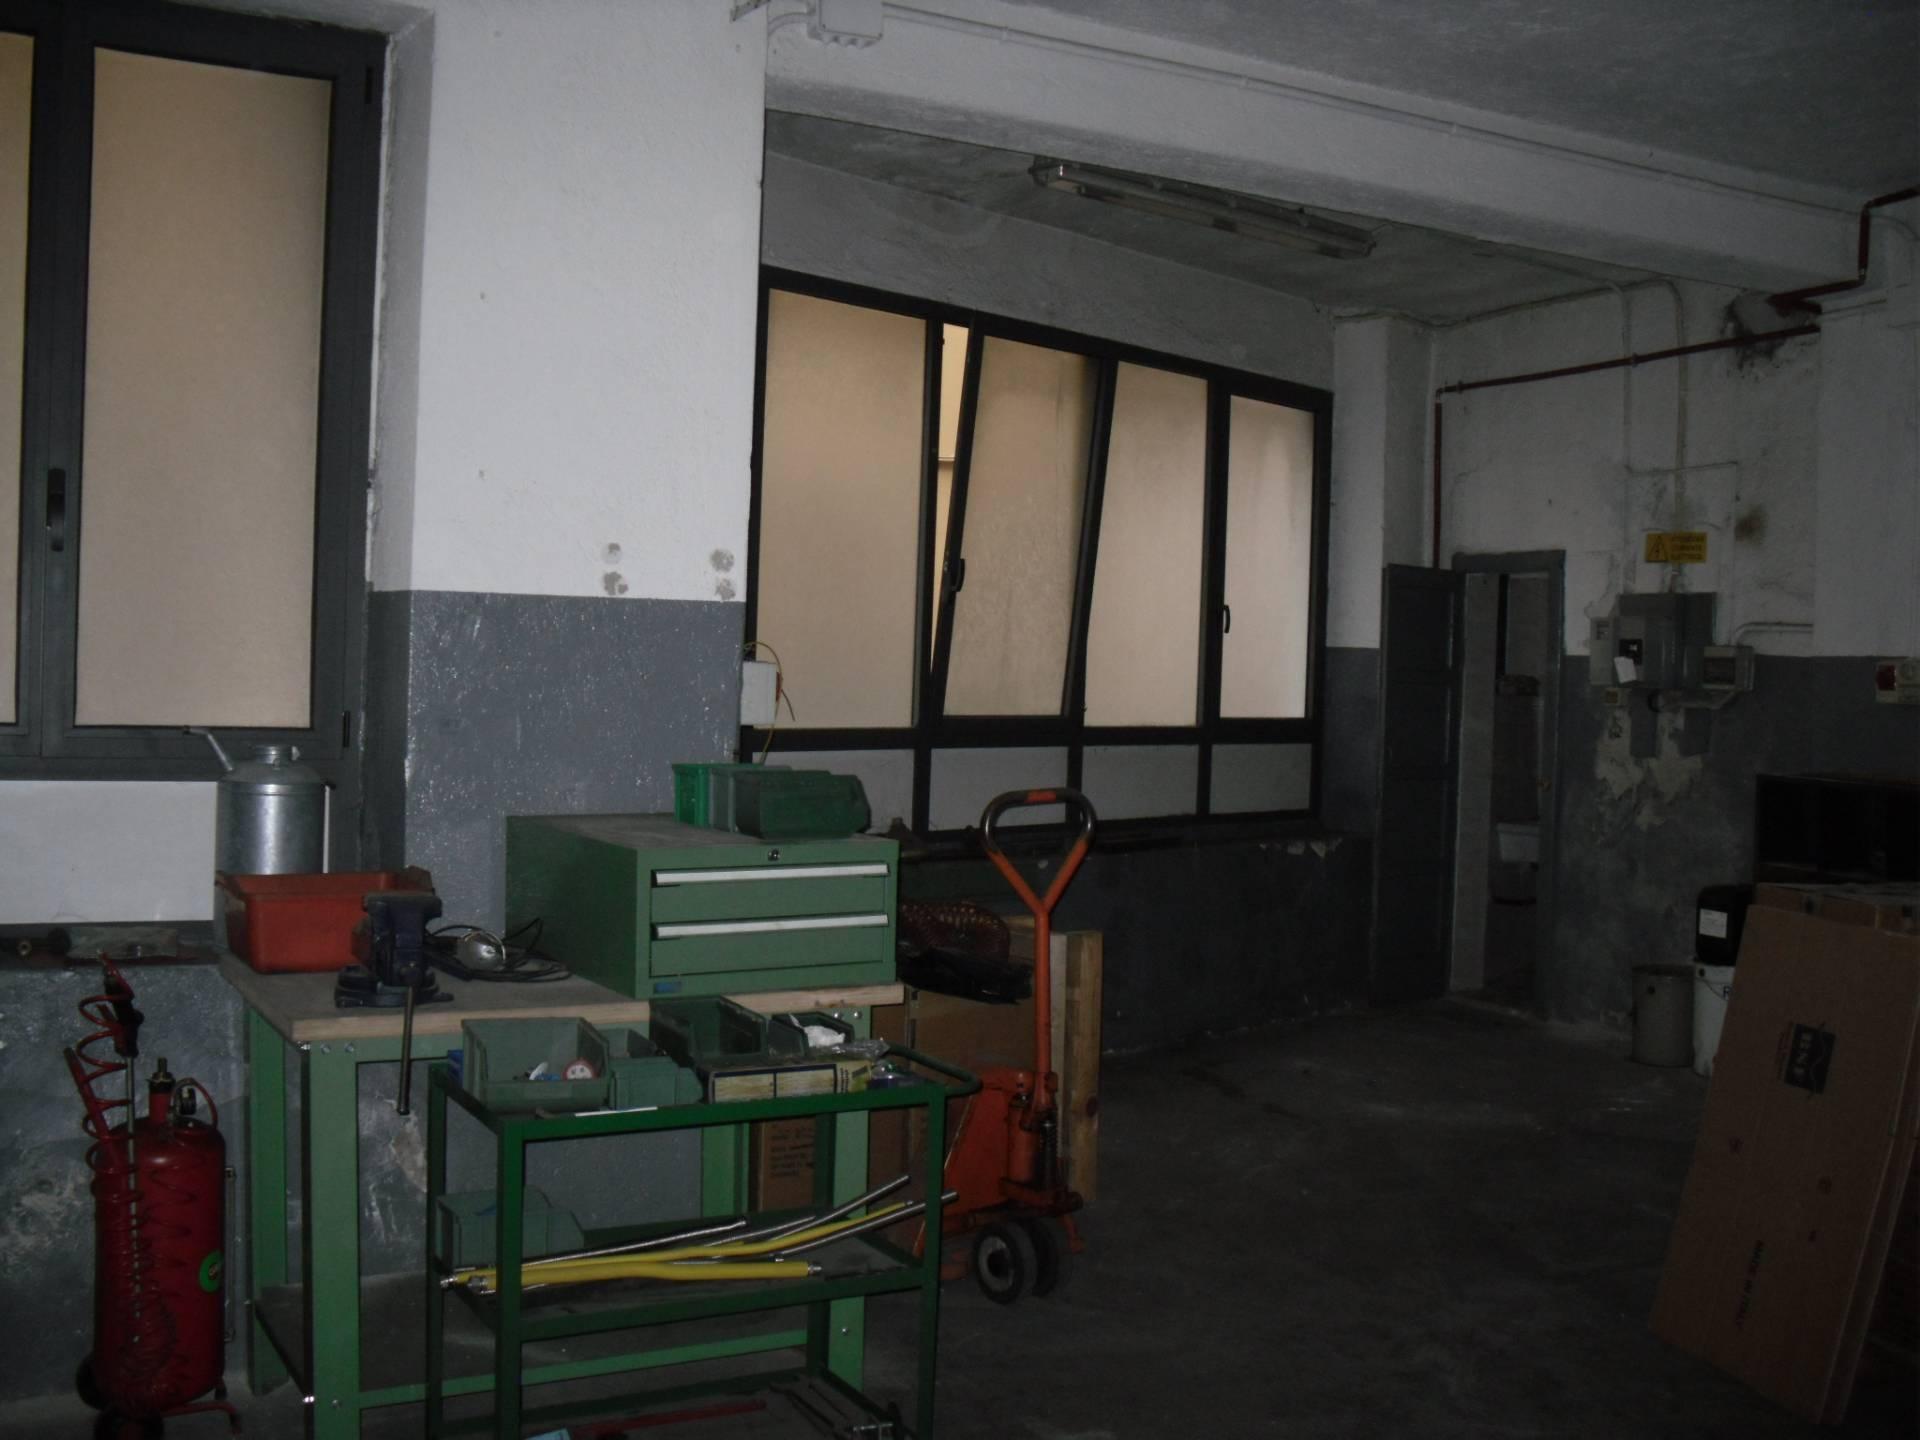 Appartamento in vendita a Lumezzane, 9999 locali, zona Località: LumezzaneSanSebastiano, prezzo € 70.000 | CambioCasa.it